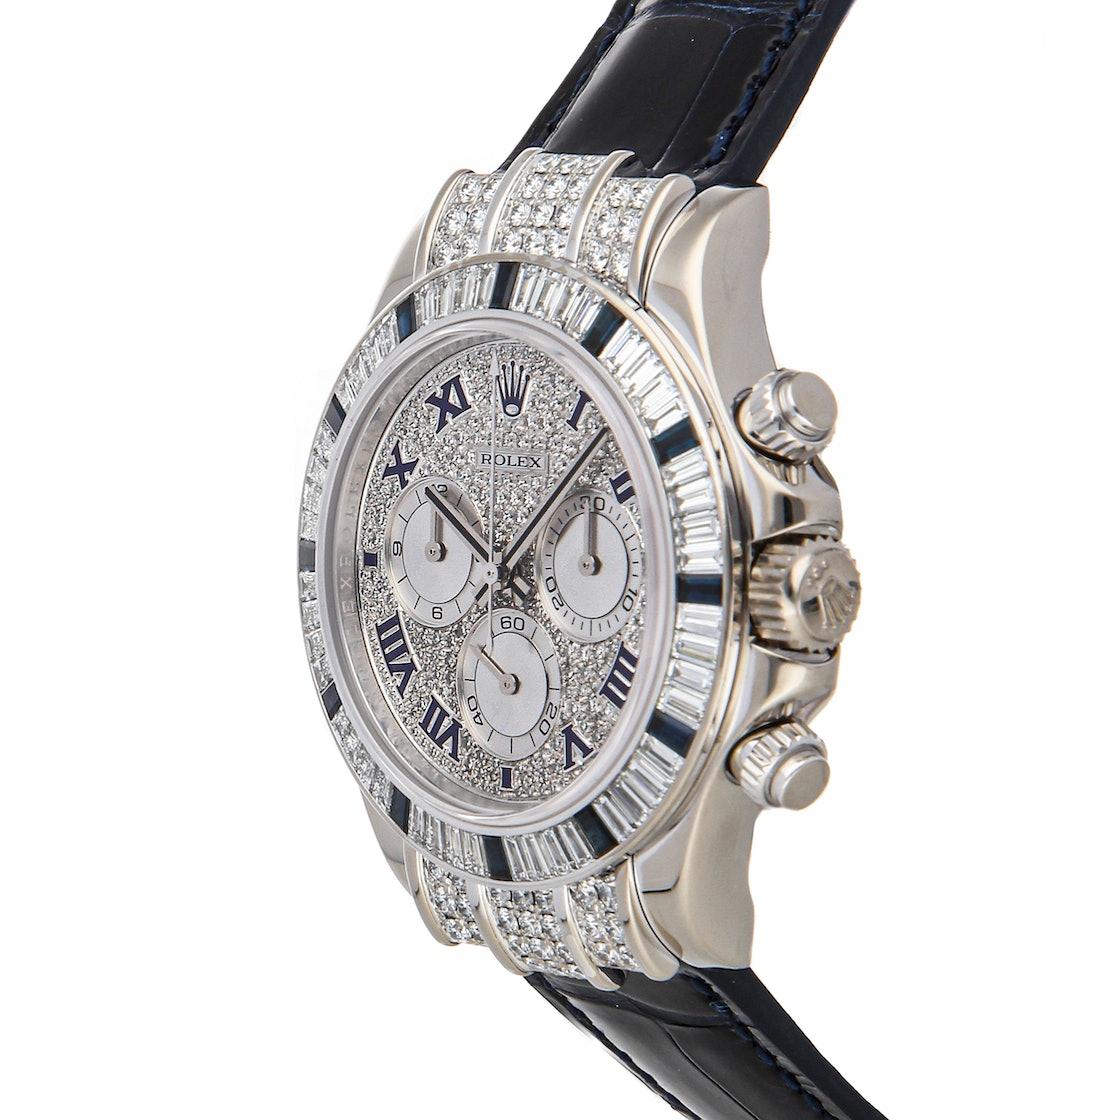 Rolex Daytona 11659912SA